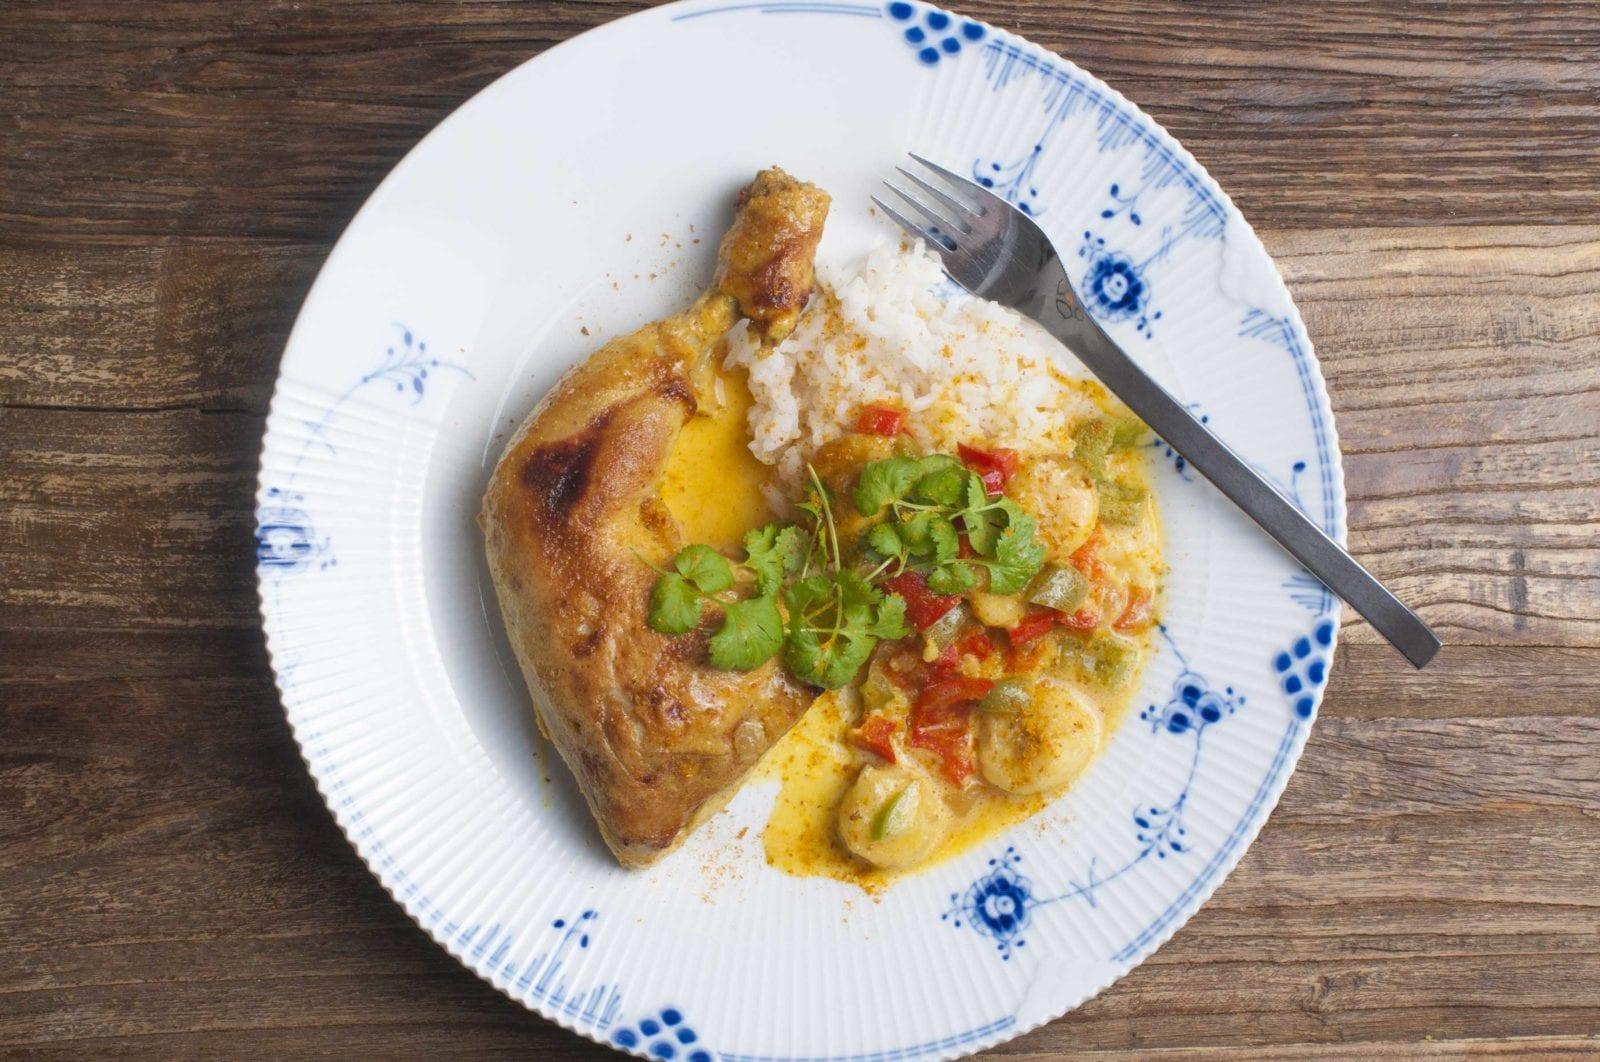 Indonesisk kylling med flødeskum og banan